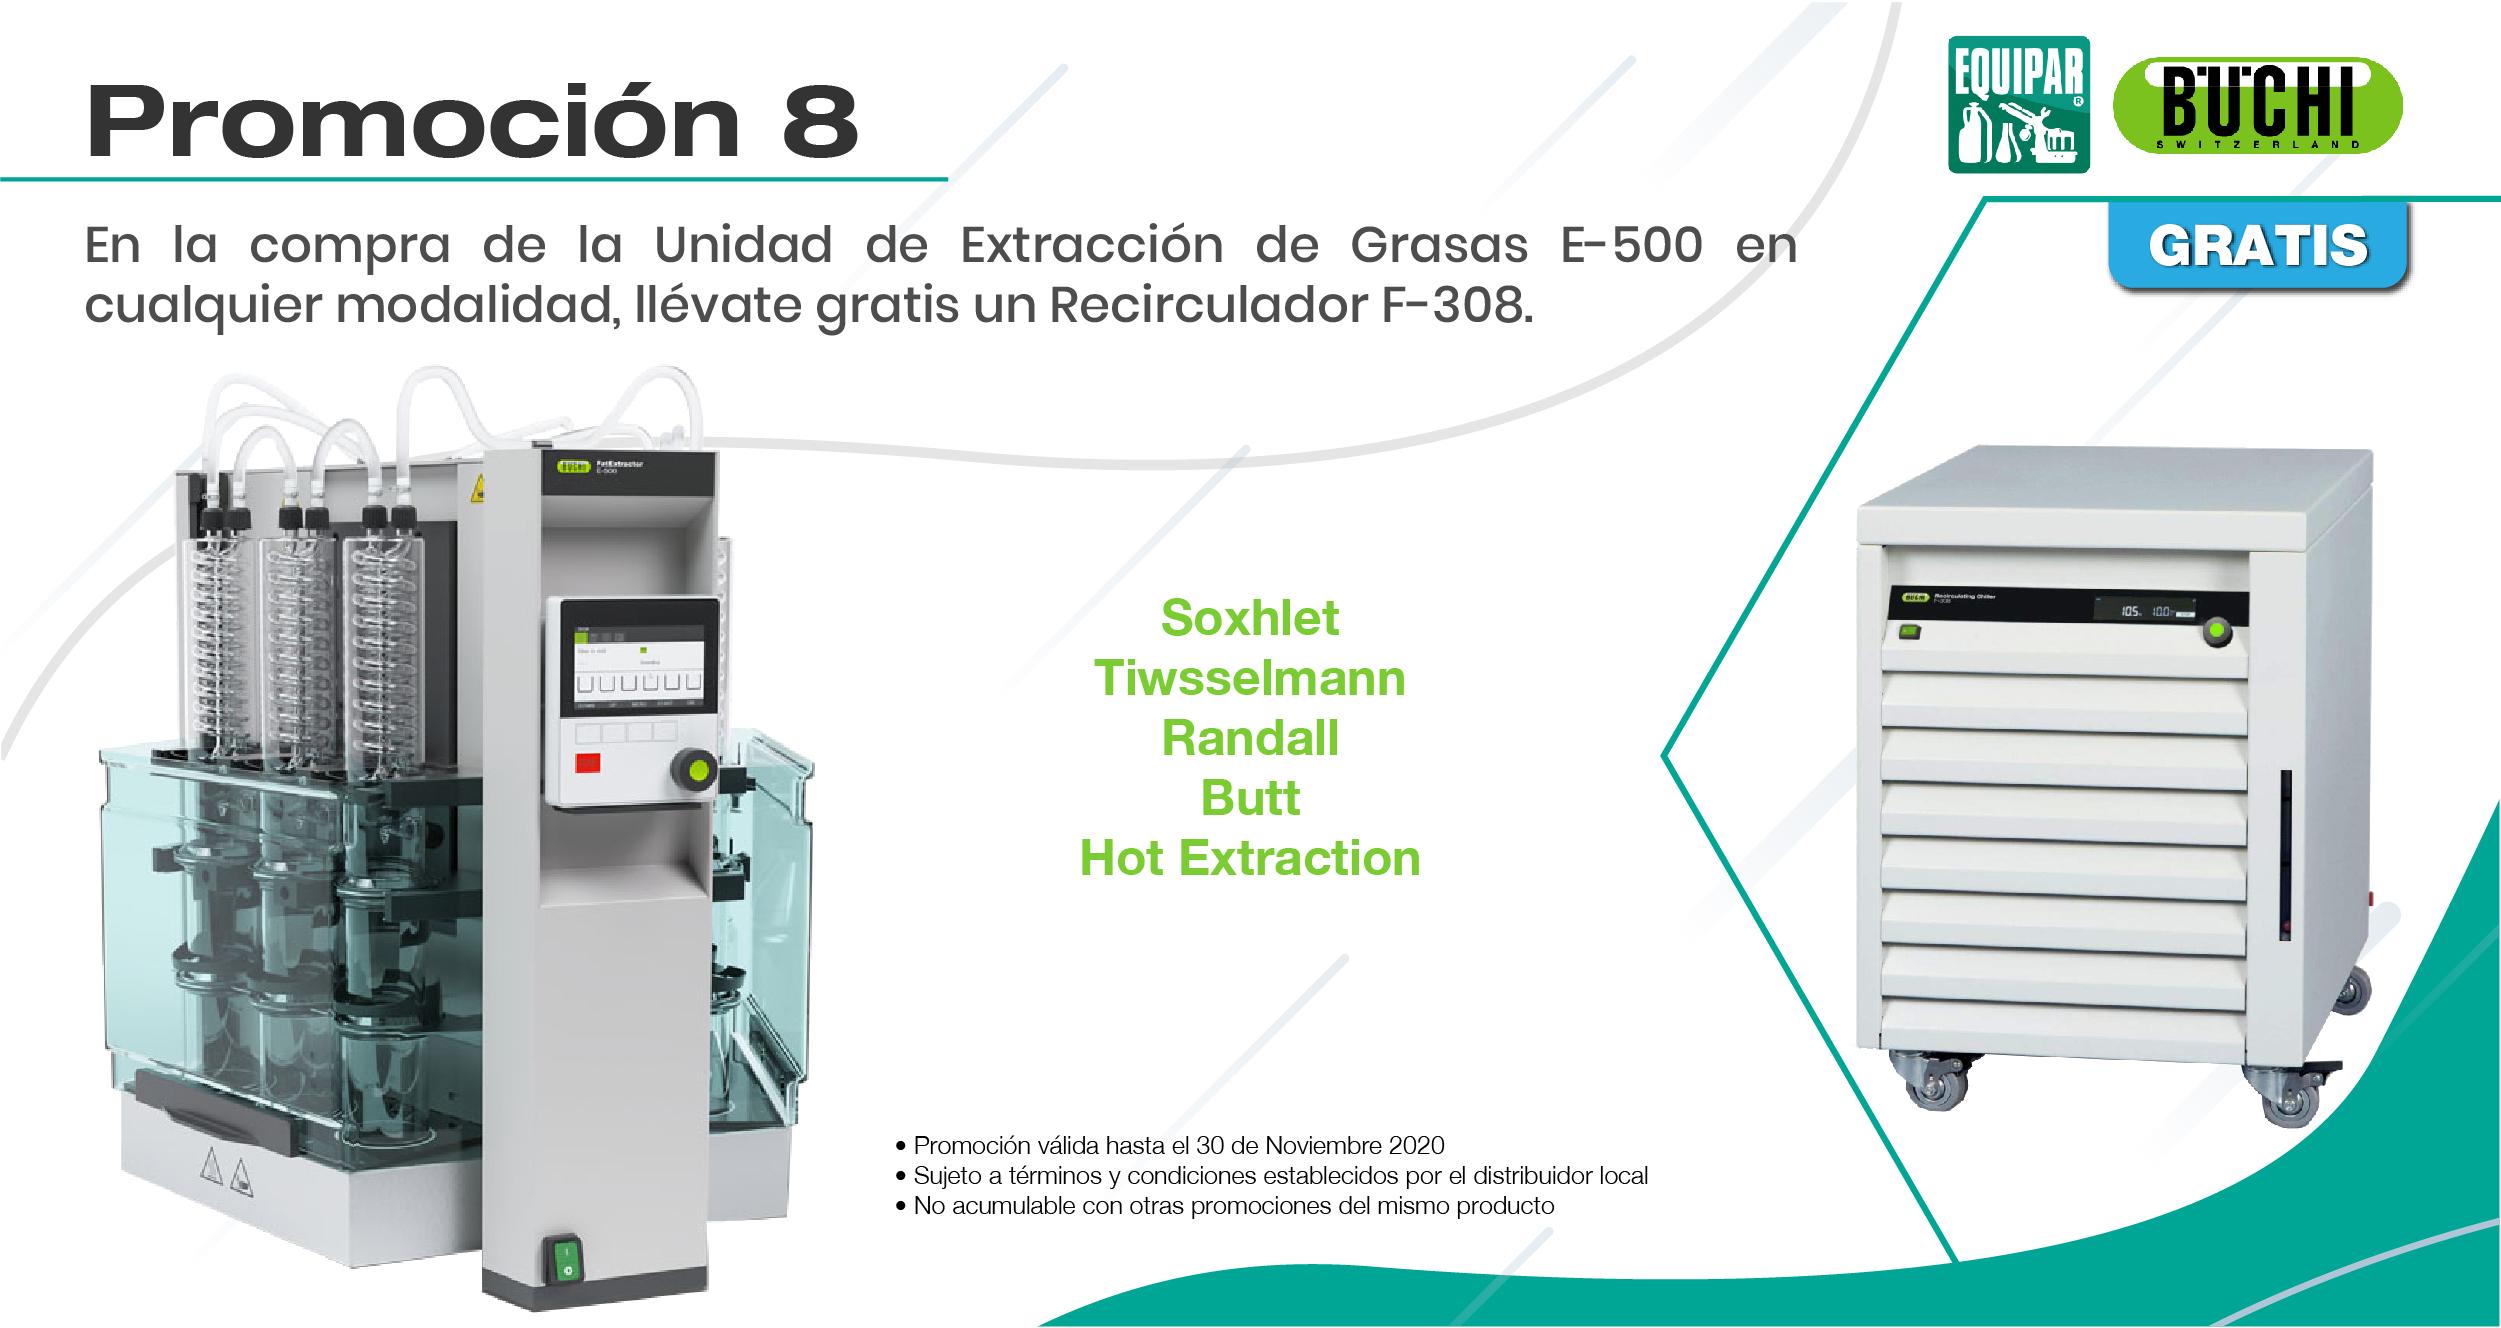 Unidad de Extracción de Grasas E-500 I Image